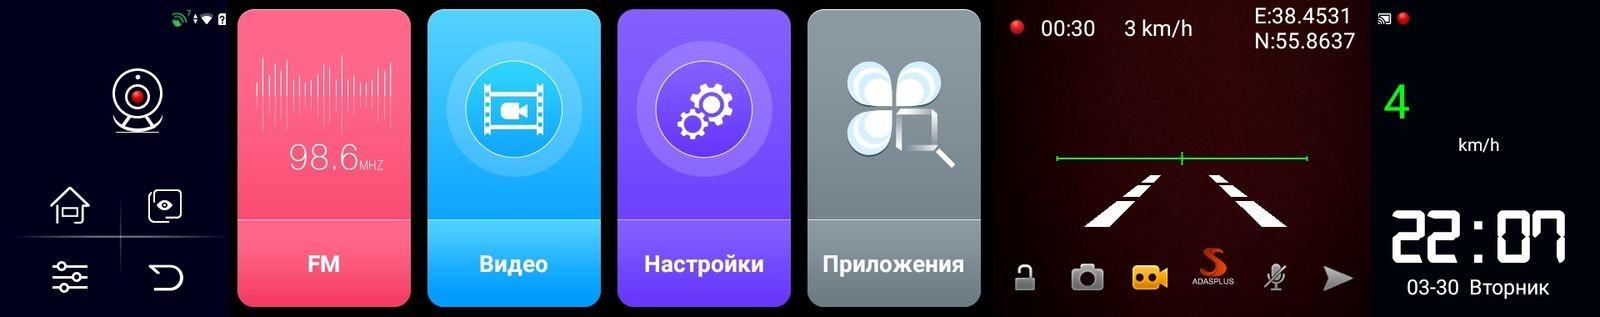 Дооснащаем машину полезными функциями без вмешательства в интерьер. Android-зеркало в автомобиле – насколько это удобно?